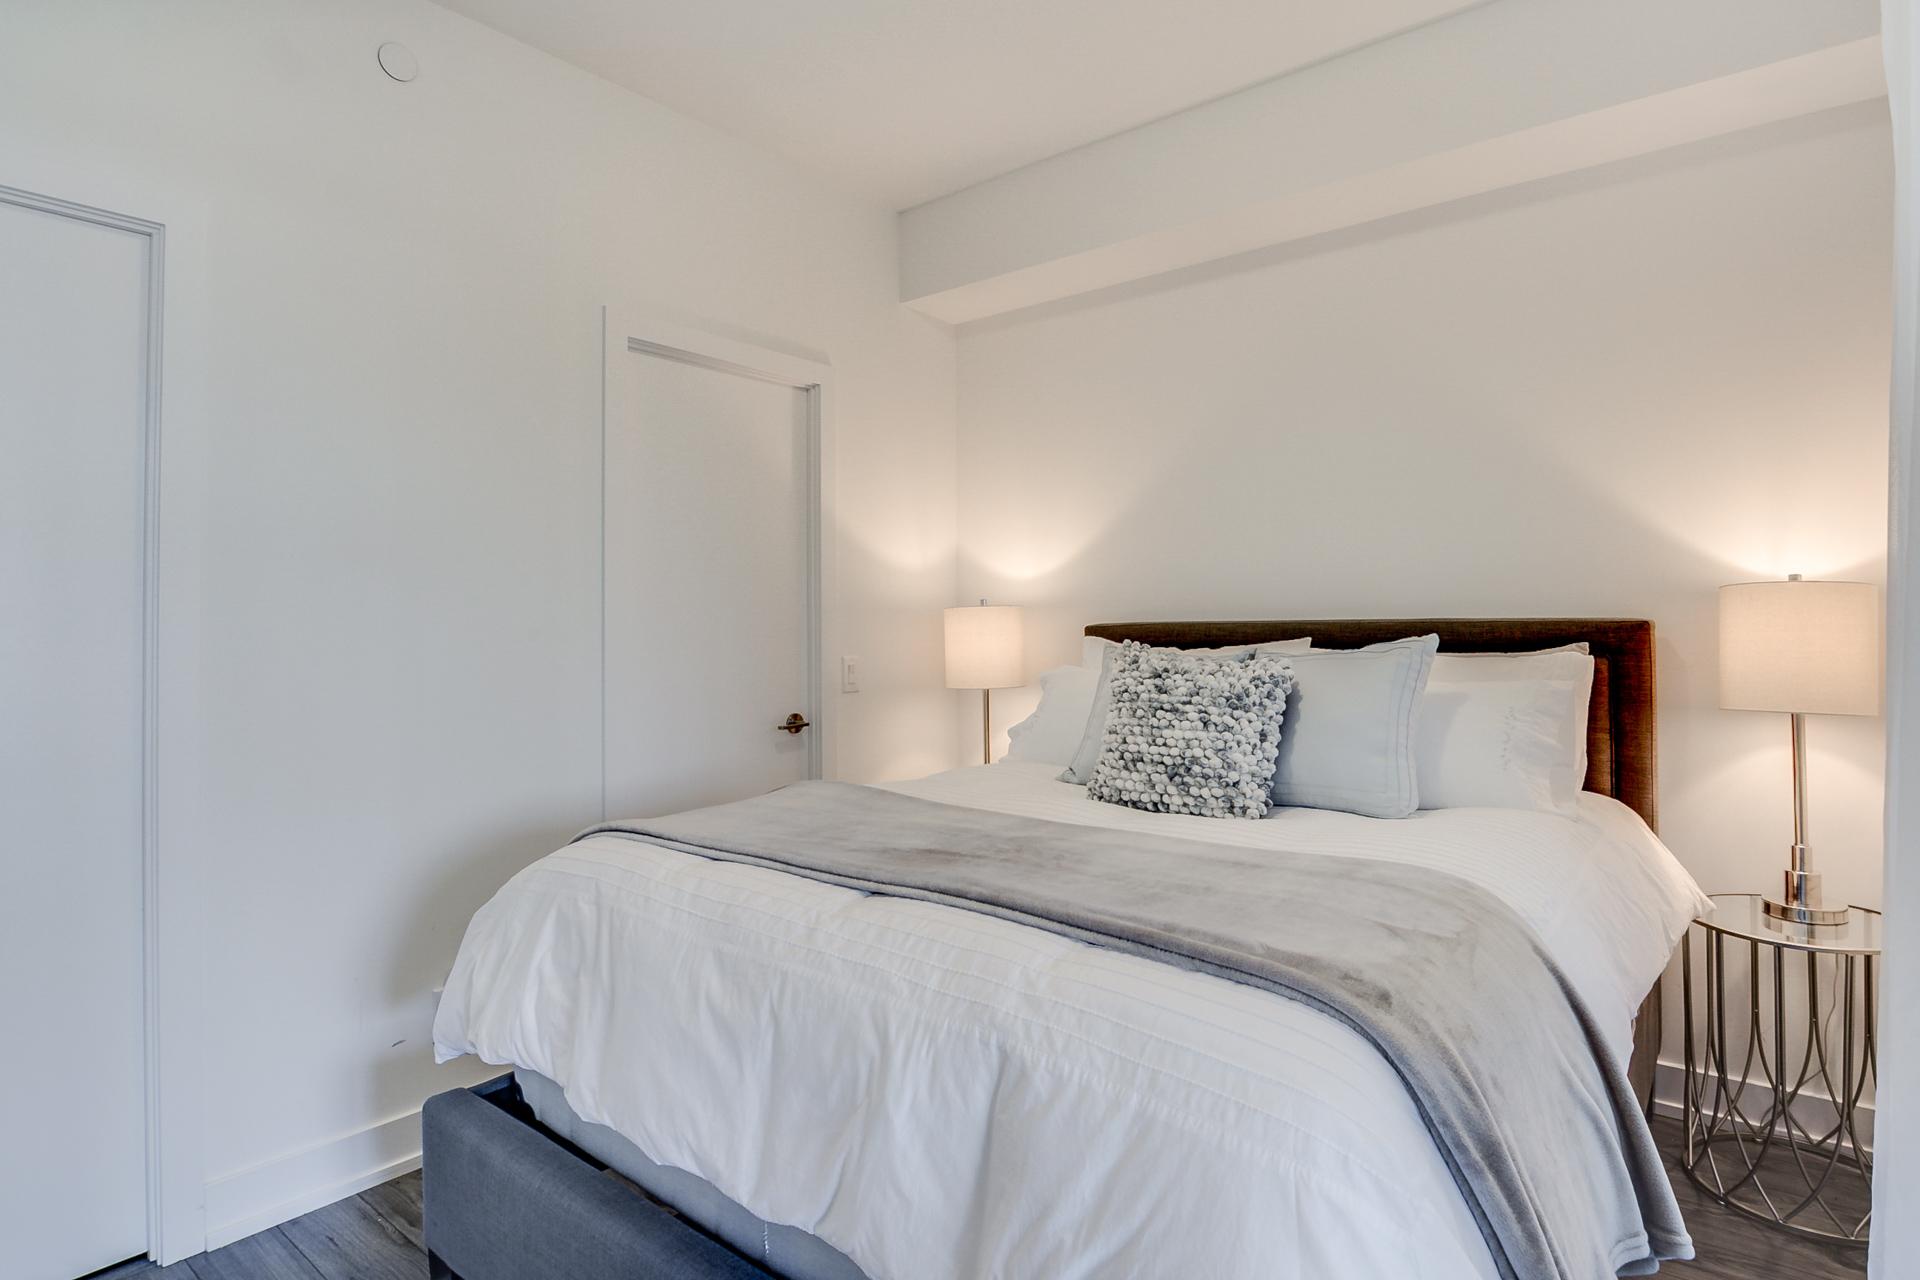 16_master_bedroom1.jpg